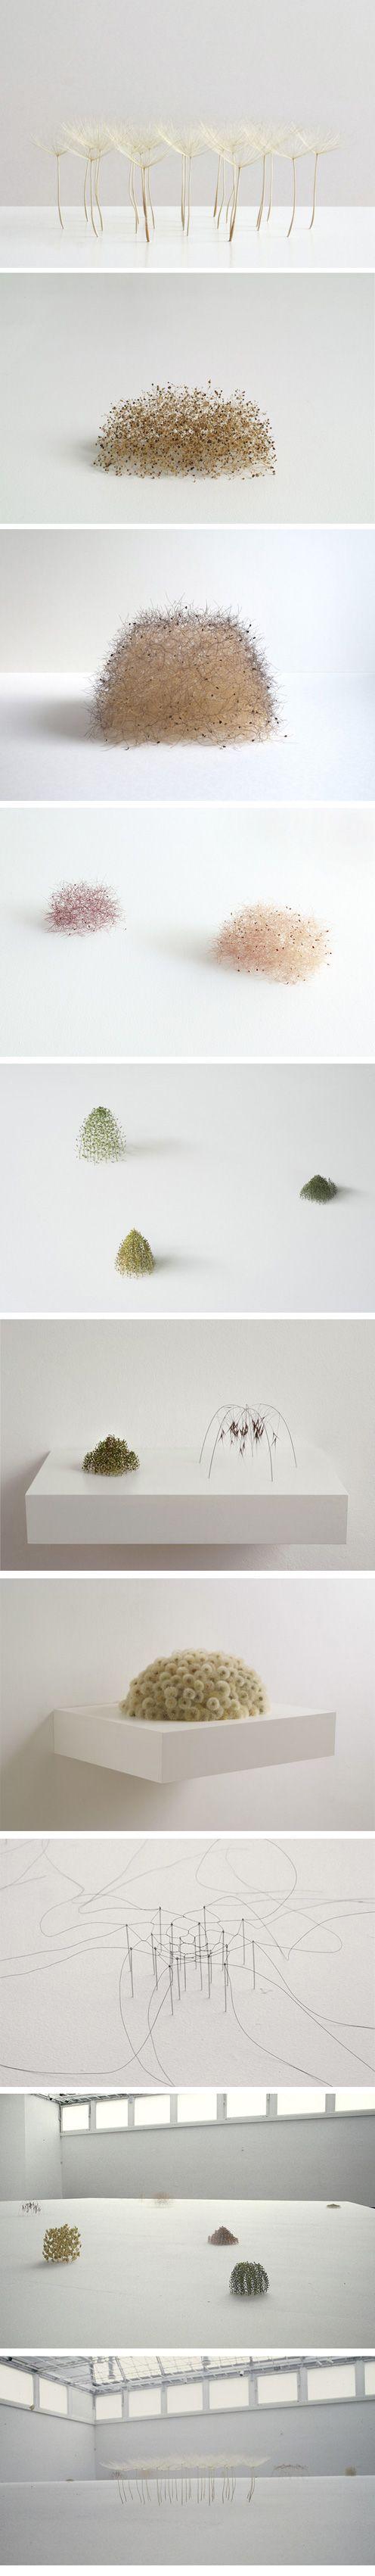 The work of Christiane Löhr found at http://www.christianeloehr.de/index.html